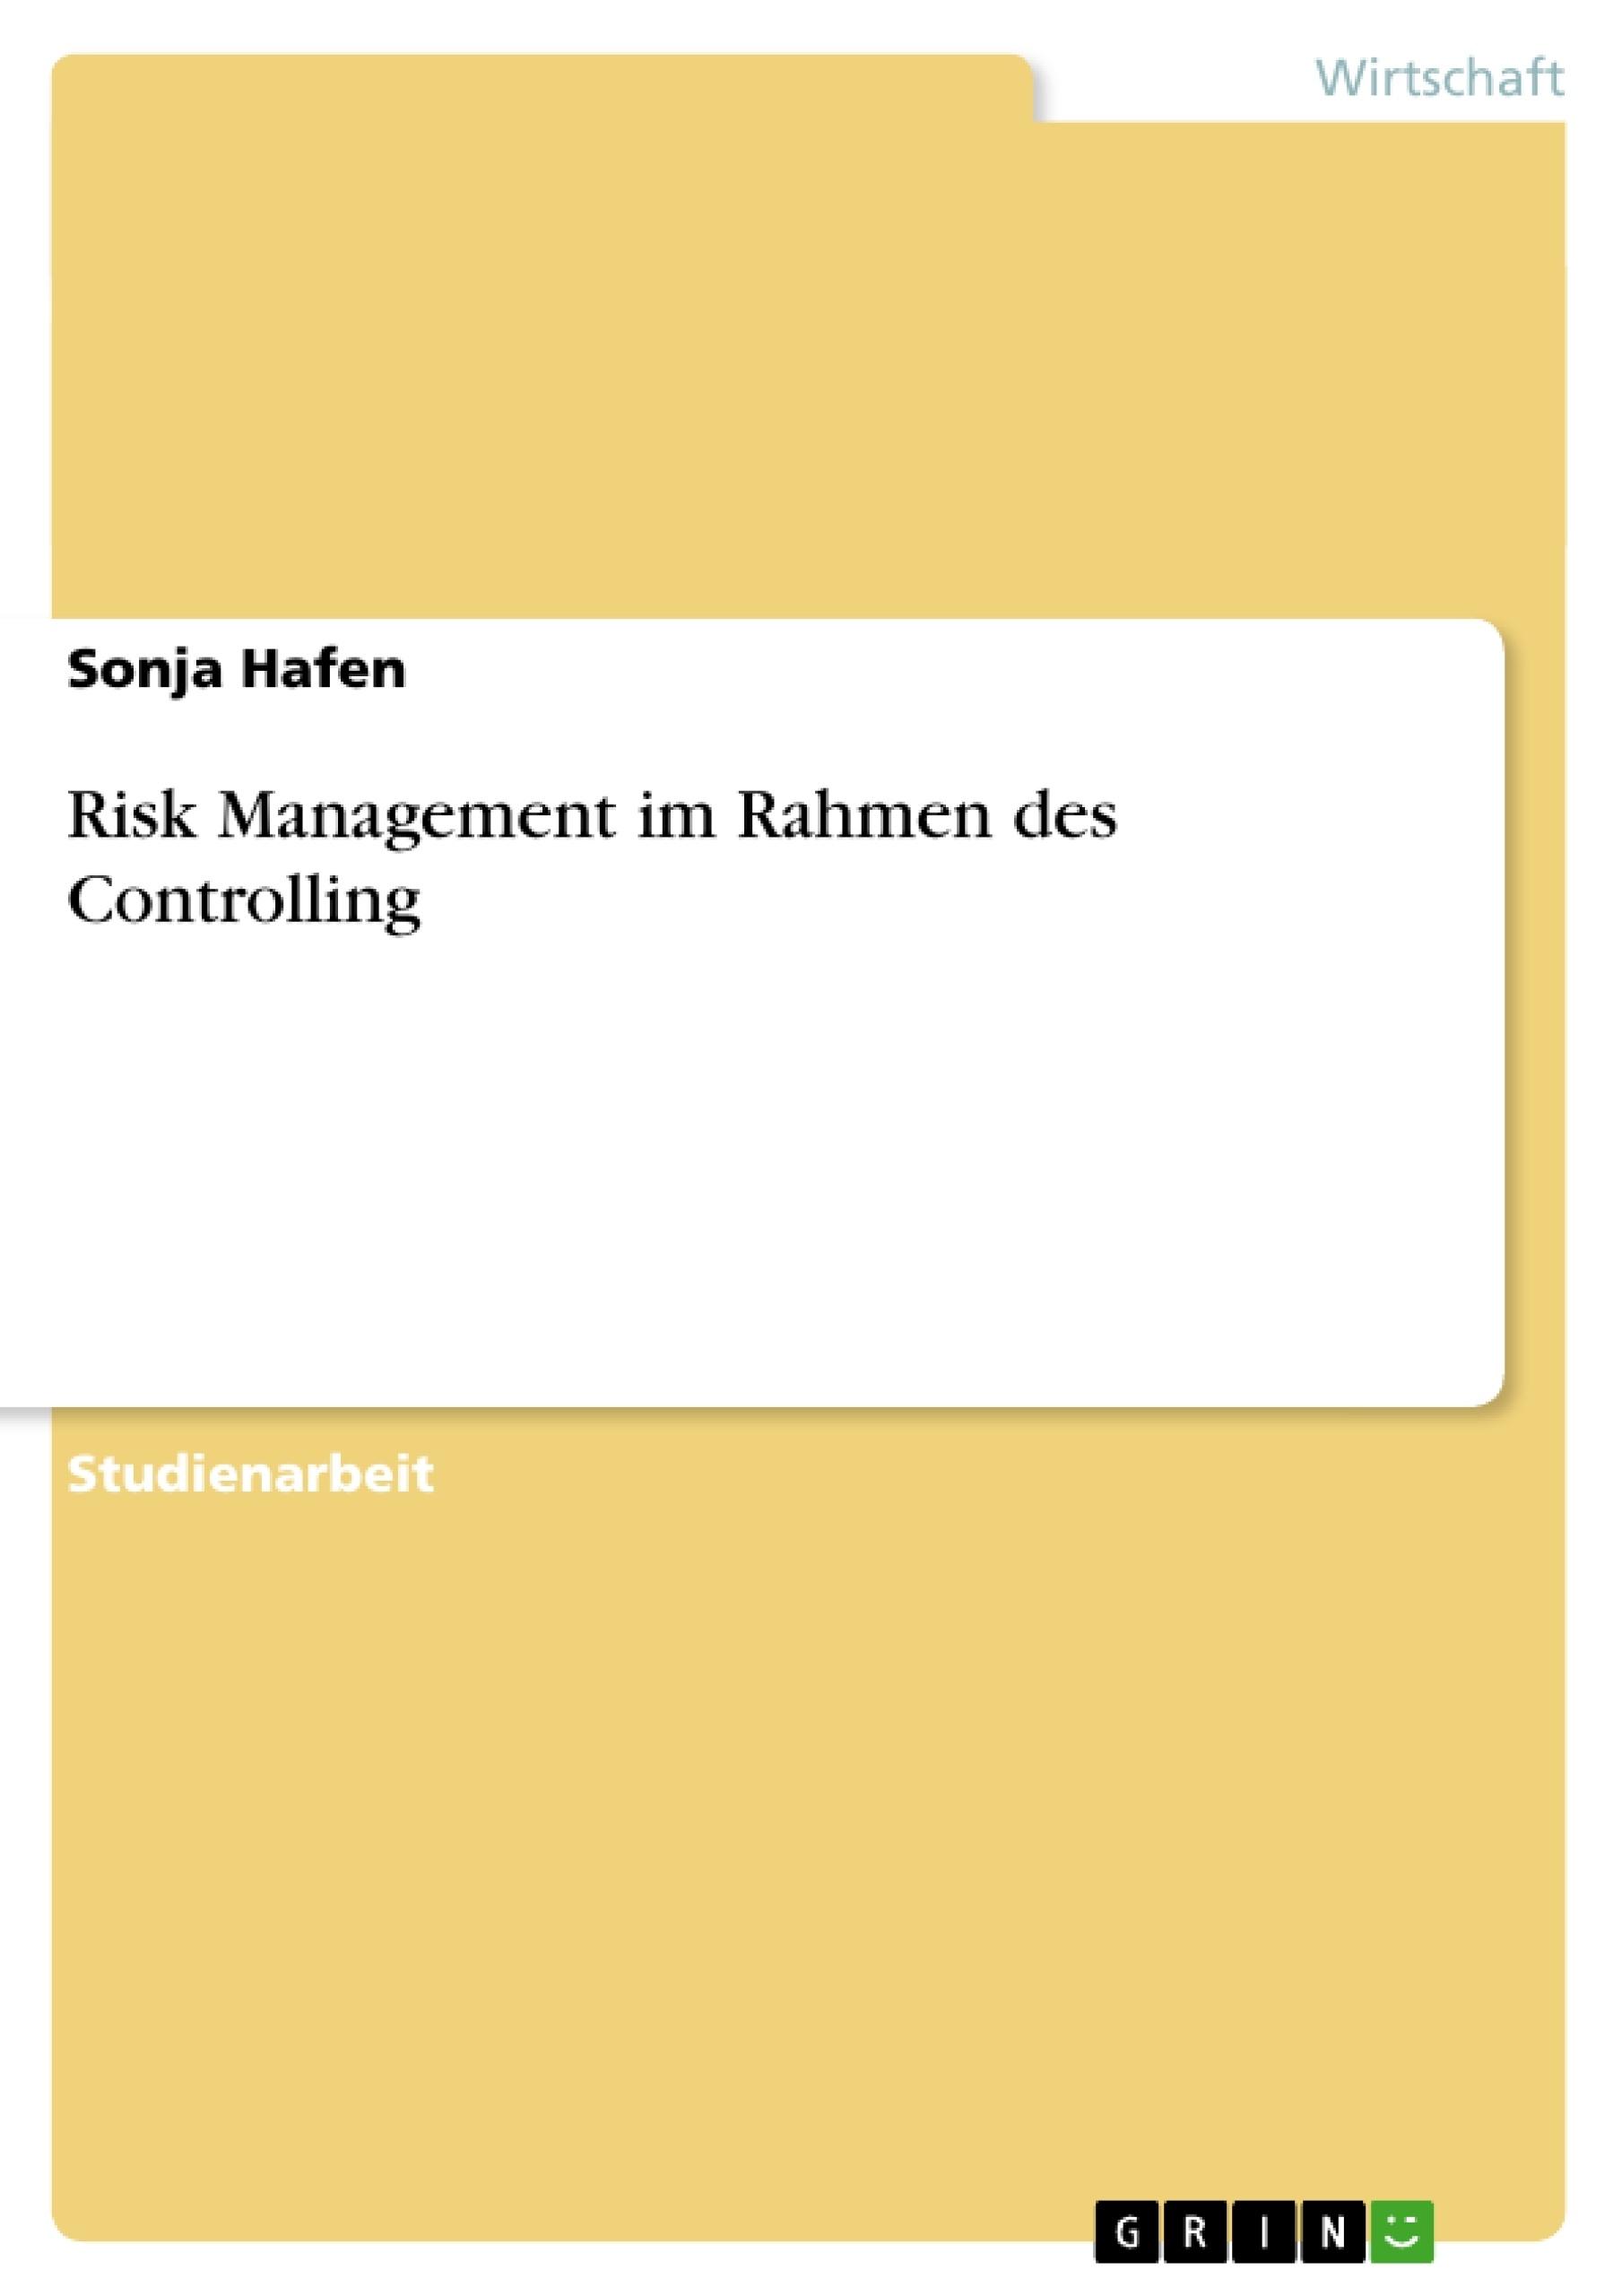 Titel: Risk Management im Rahmen des Controlling